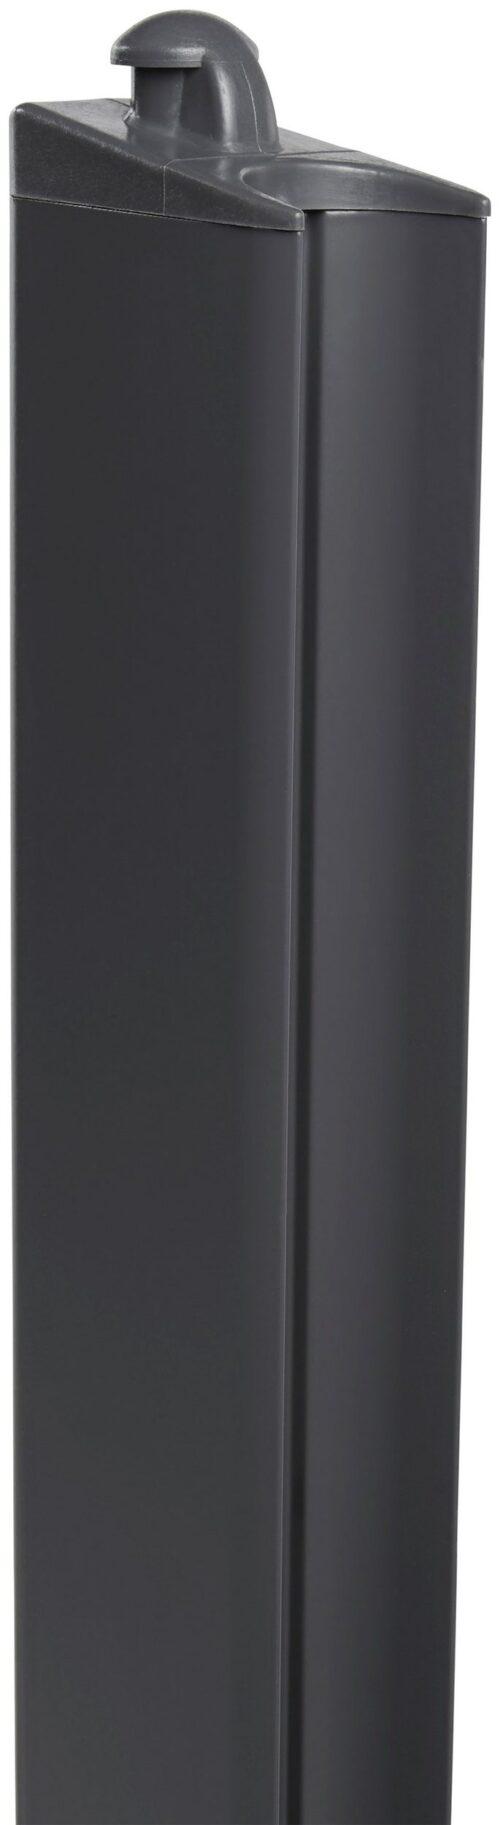 KONIFERA Seitenarmmarkise LxH: 300x160cm B53756810 UVP 79,99€ | 53756810 7